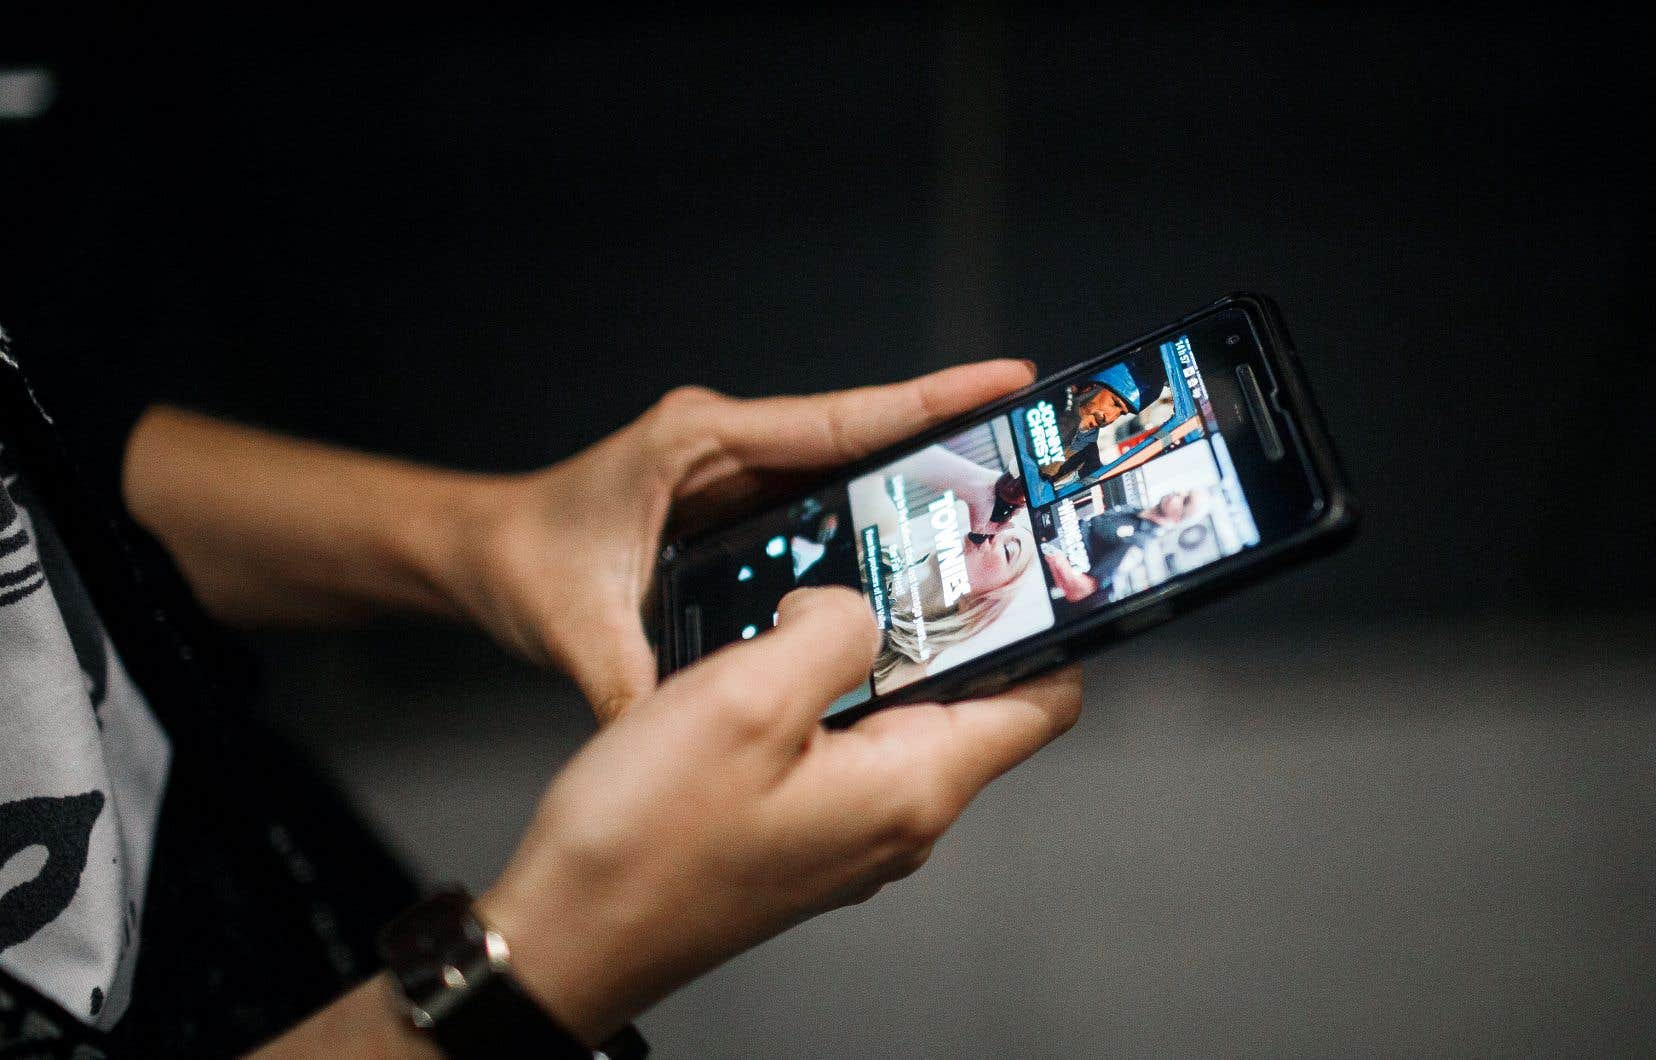 «Entre 19 et 25ans, les jeunes adultes se mettent à davantage écouter des séries en ligne», selon Raymond Poirier, porte-parole du CEFRIO.